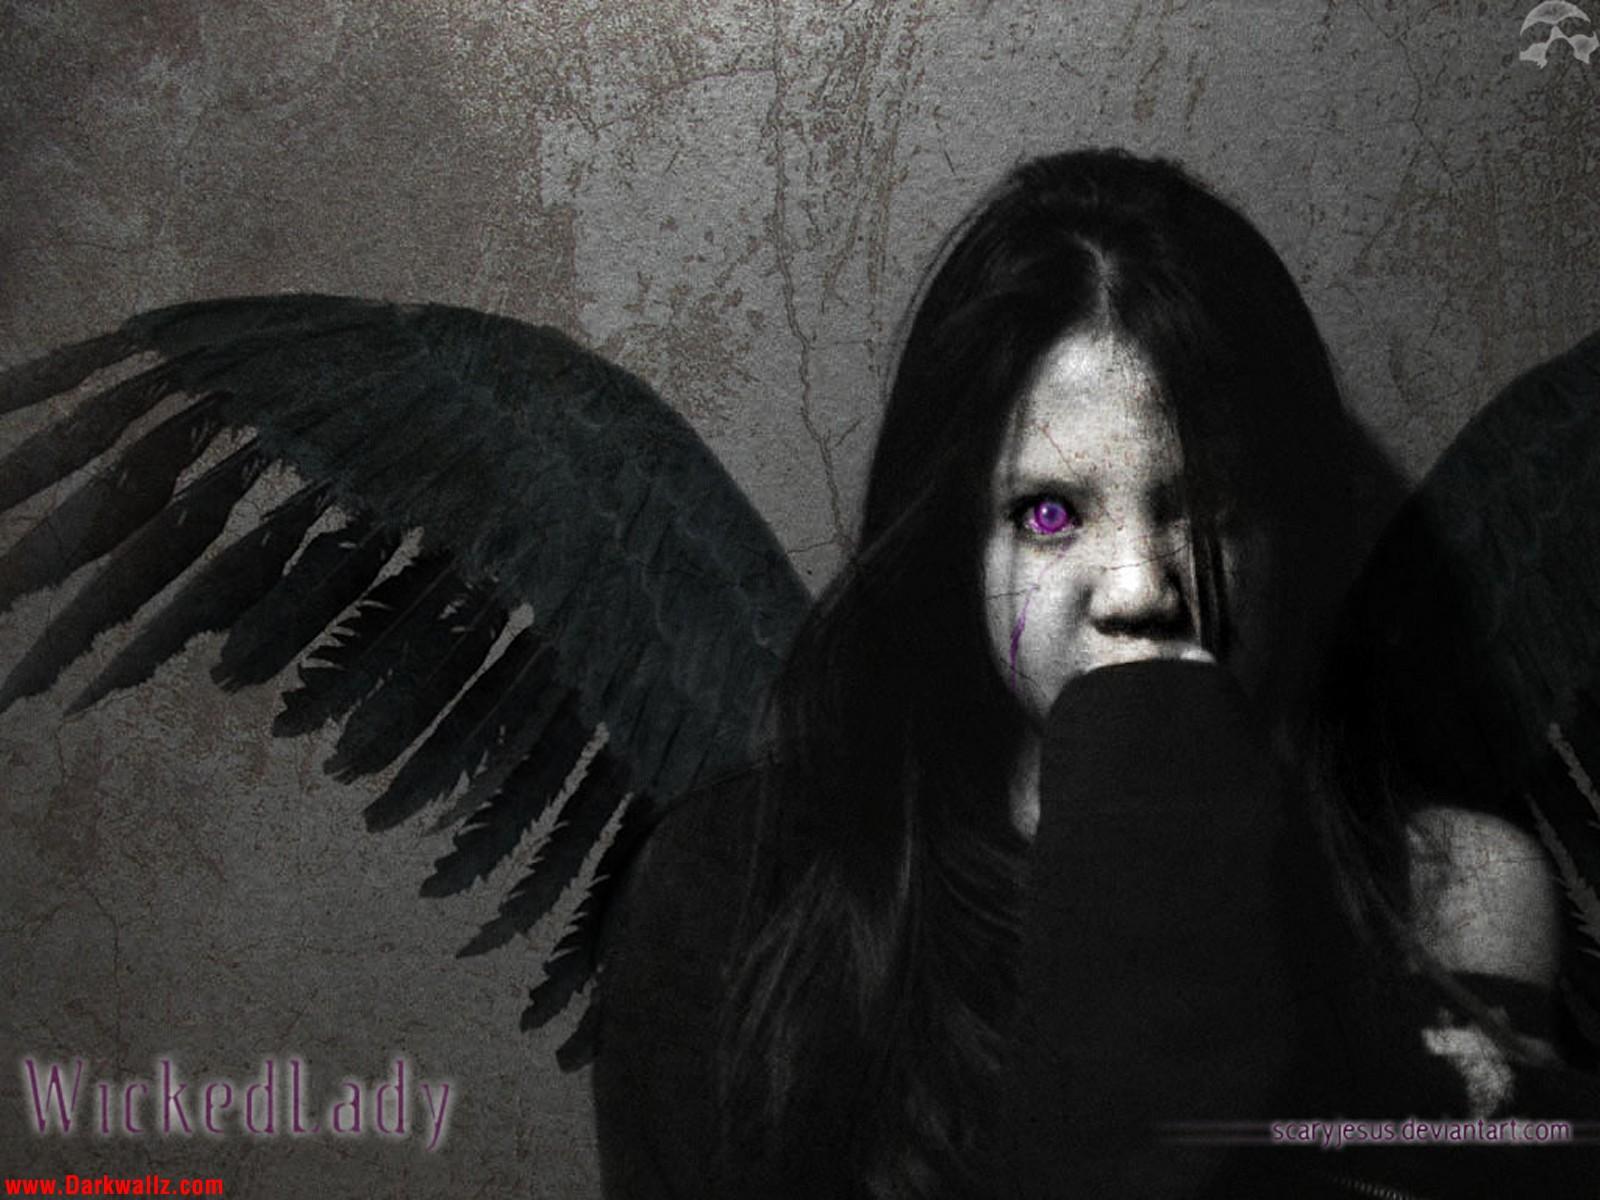 Dark horror wallpaper wallpapersafari - Dark horror creepy wallpapers ...